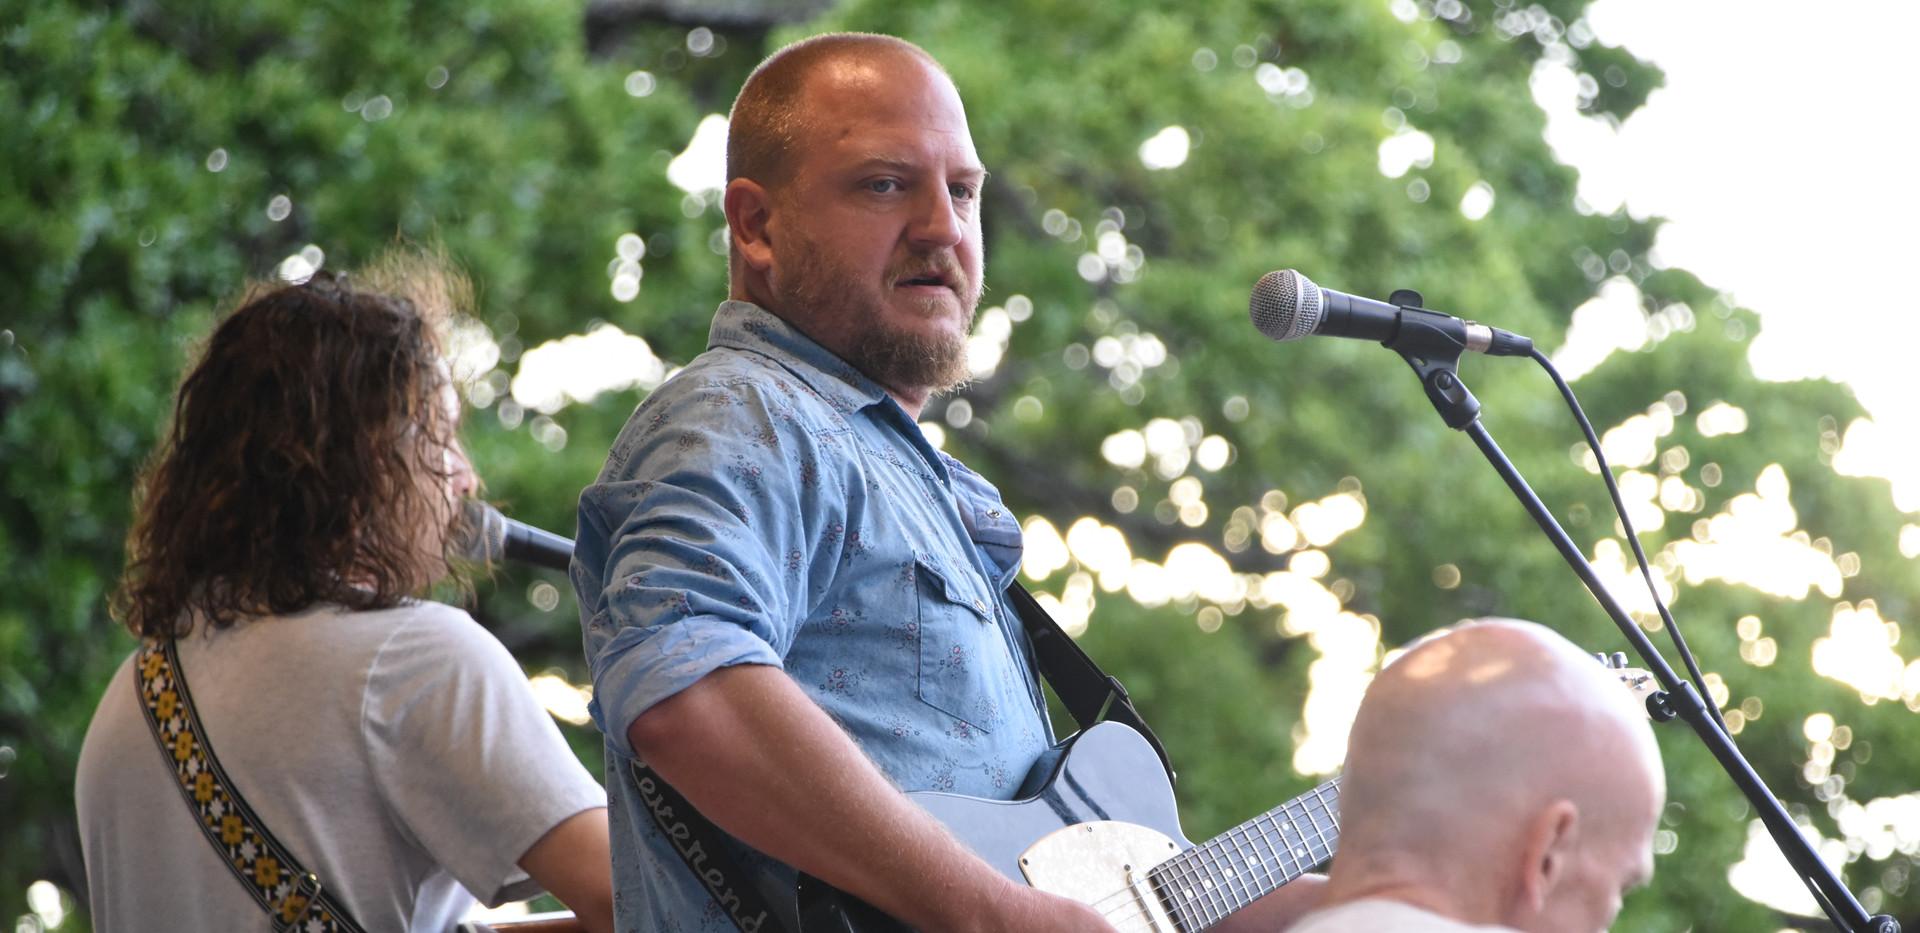 Jared Mitchell Band at Hot Summer Nights